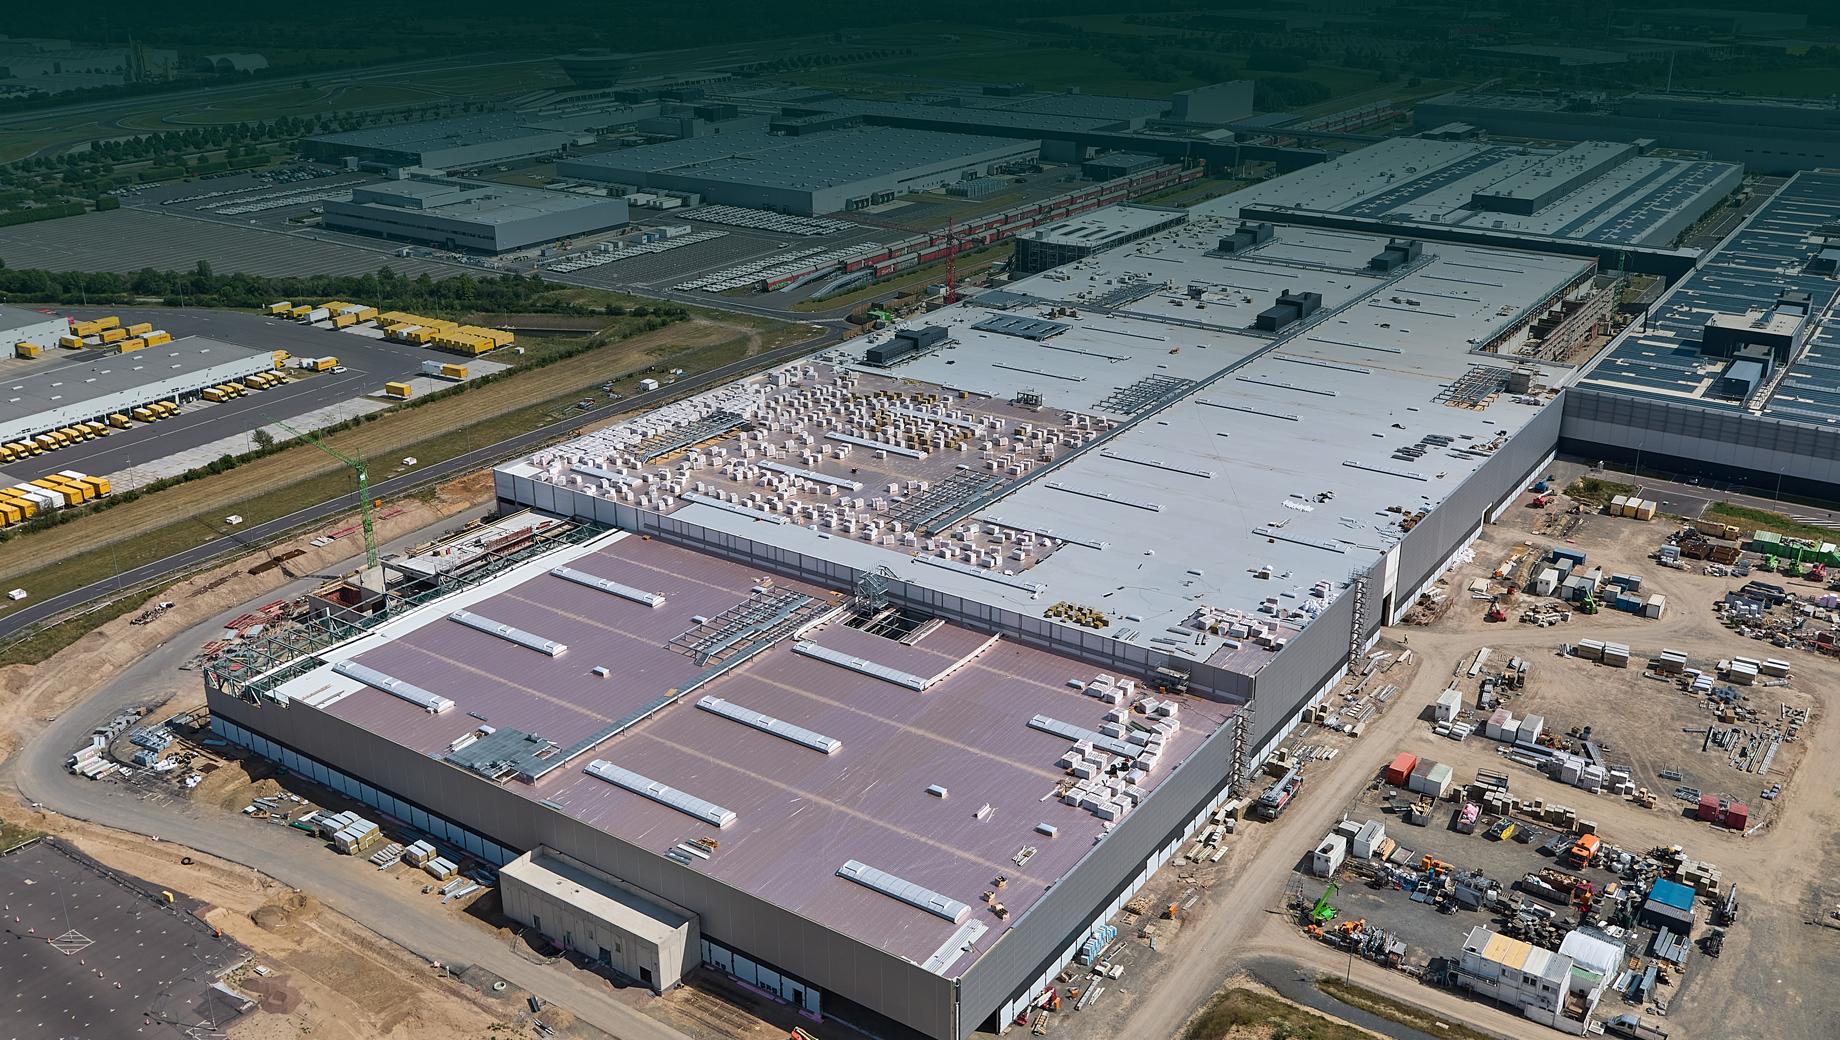 Porsche macan. Завод Porsche Leipzig был открыт в феврале 2000 года. С тех пор в его развитие вложено более 1,3 млрд евро. «Электрическая» модернизация добавила к этой сумме ещё свыше 600 млн евро.